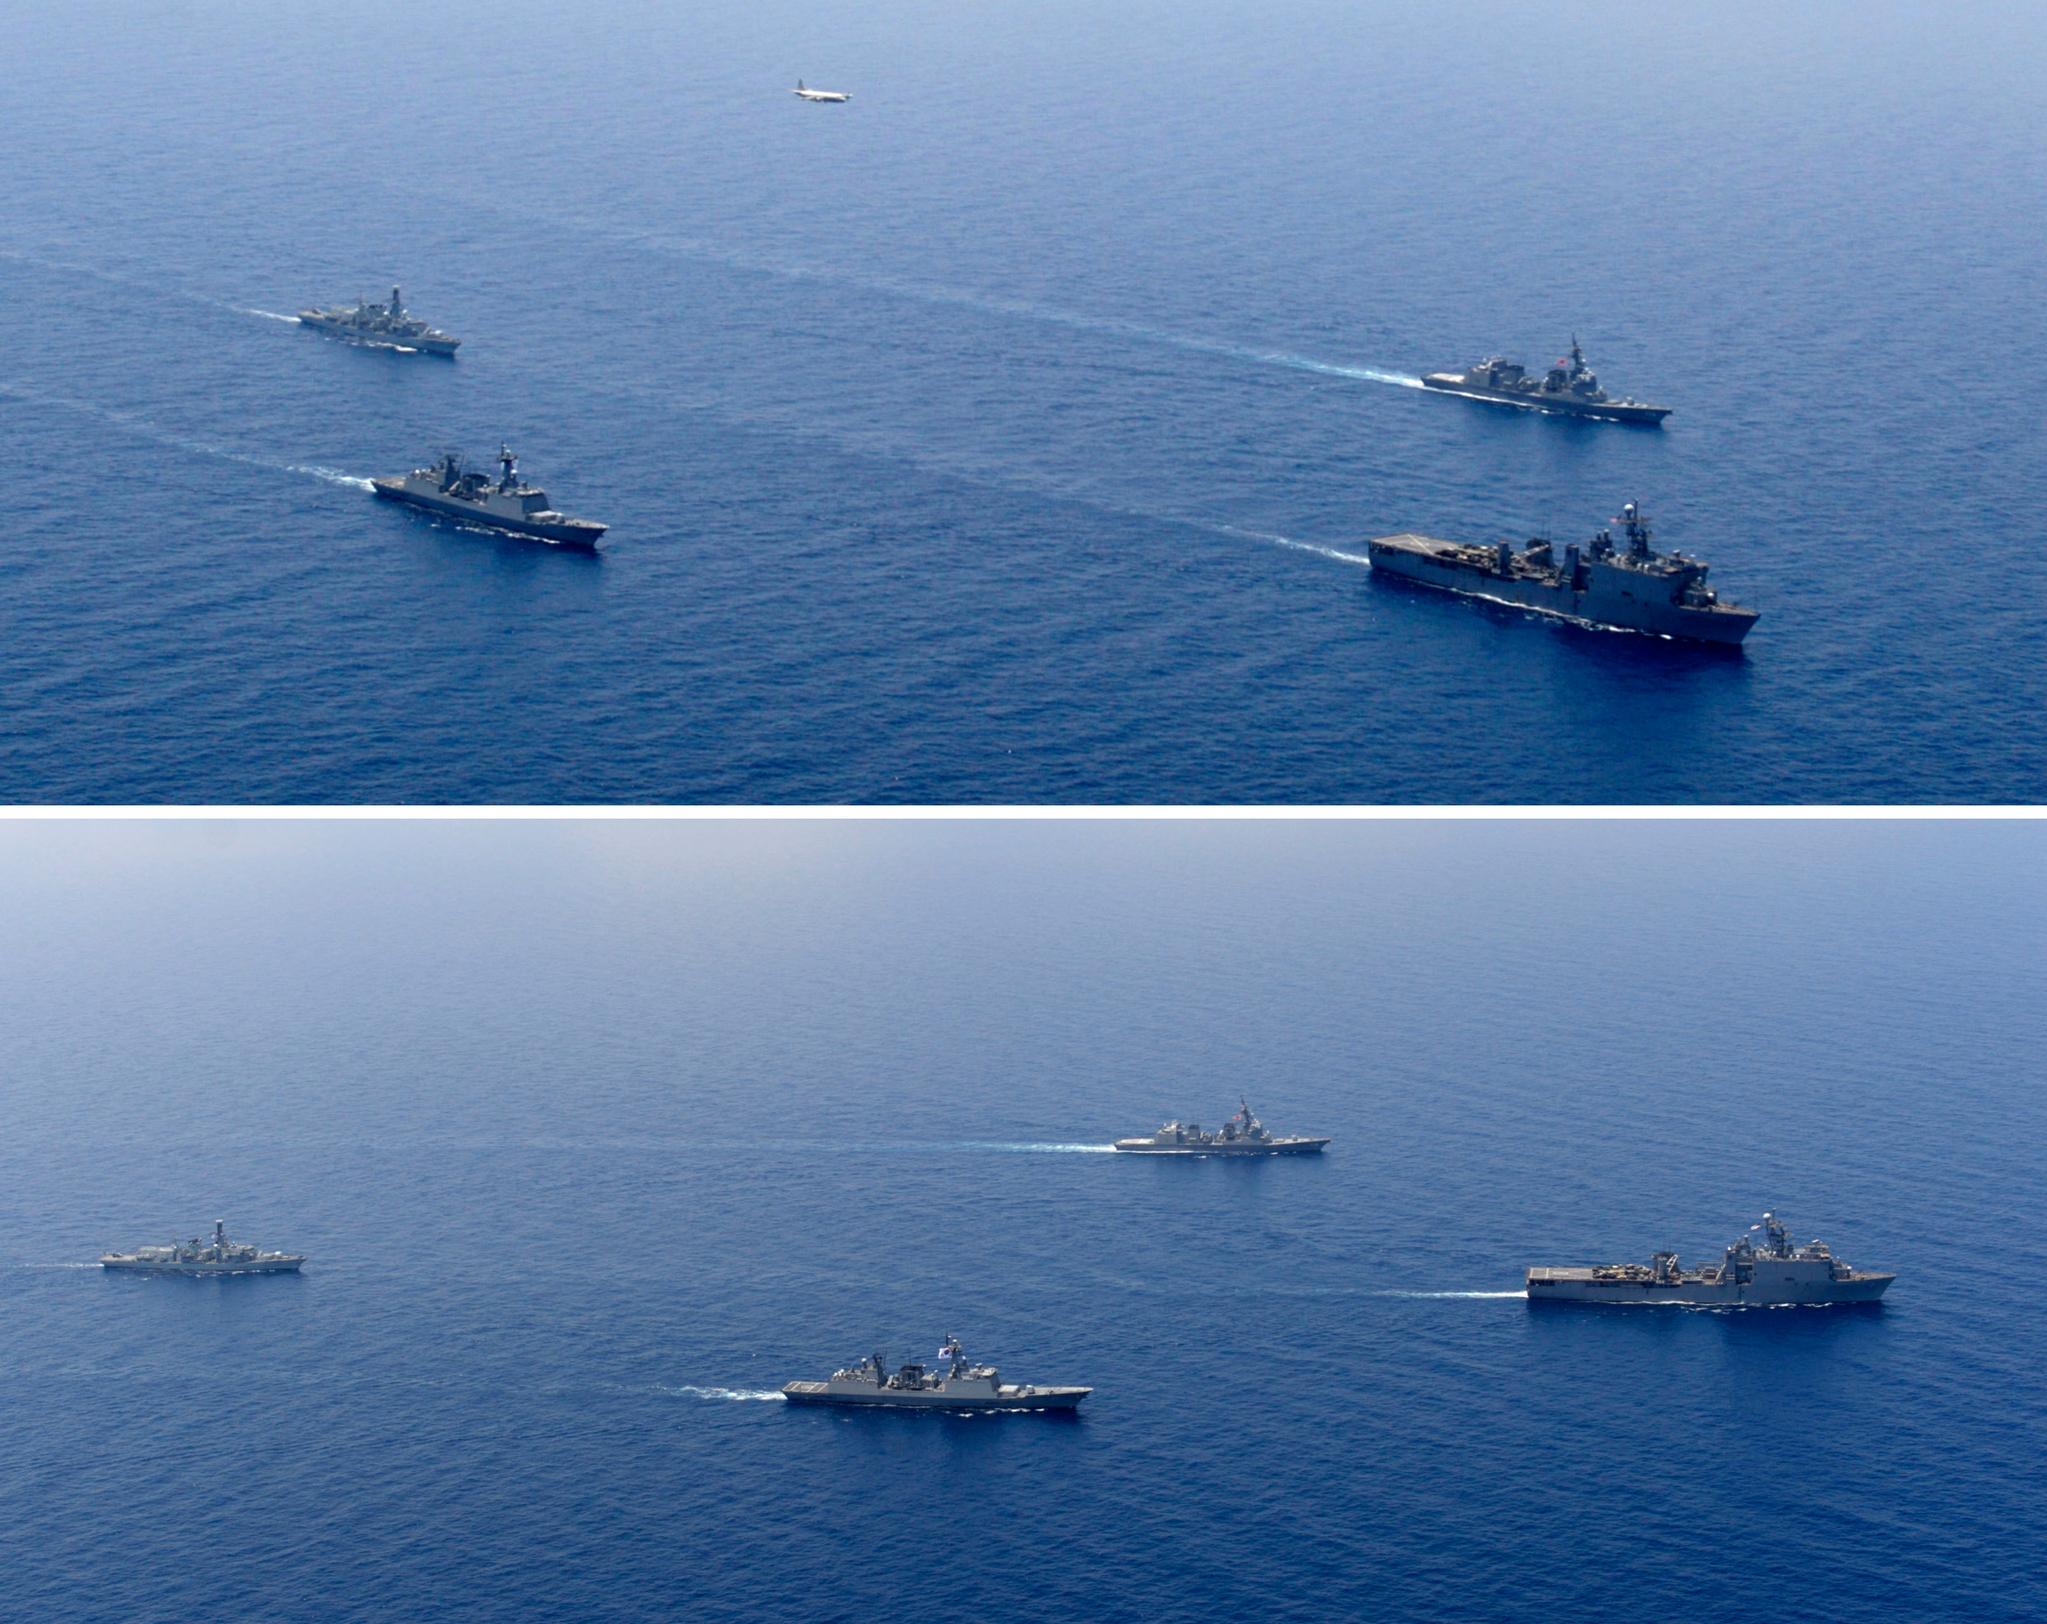 청해부대 23진 최영함, 미국 카터홀함, 일본 테루즈키함, 영국 몬머스함이 20일(현지시간) 아덴만에서 능형진(다이아몬드 진형)을 이루어 전술기동훈련을 하고 있다. [사진 합참]